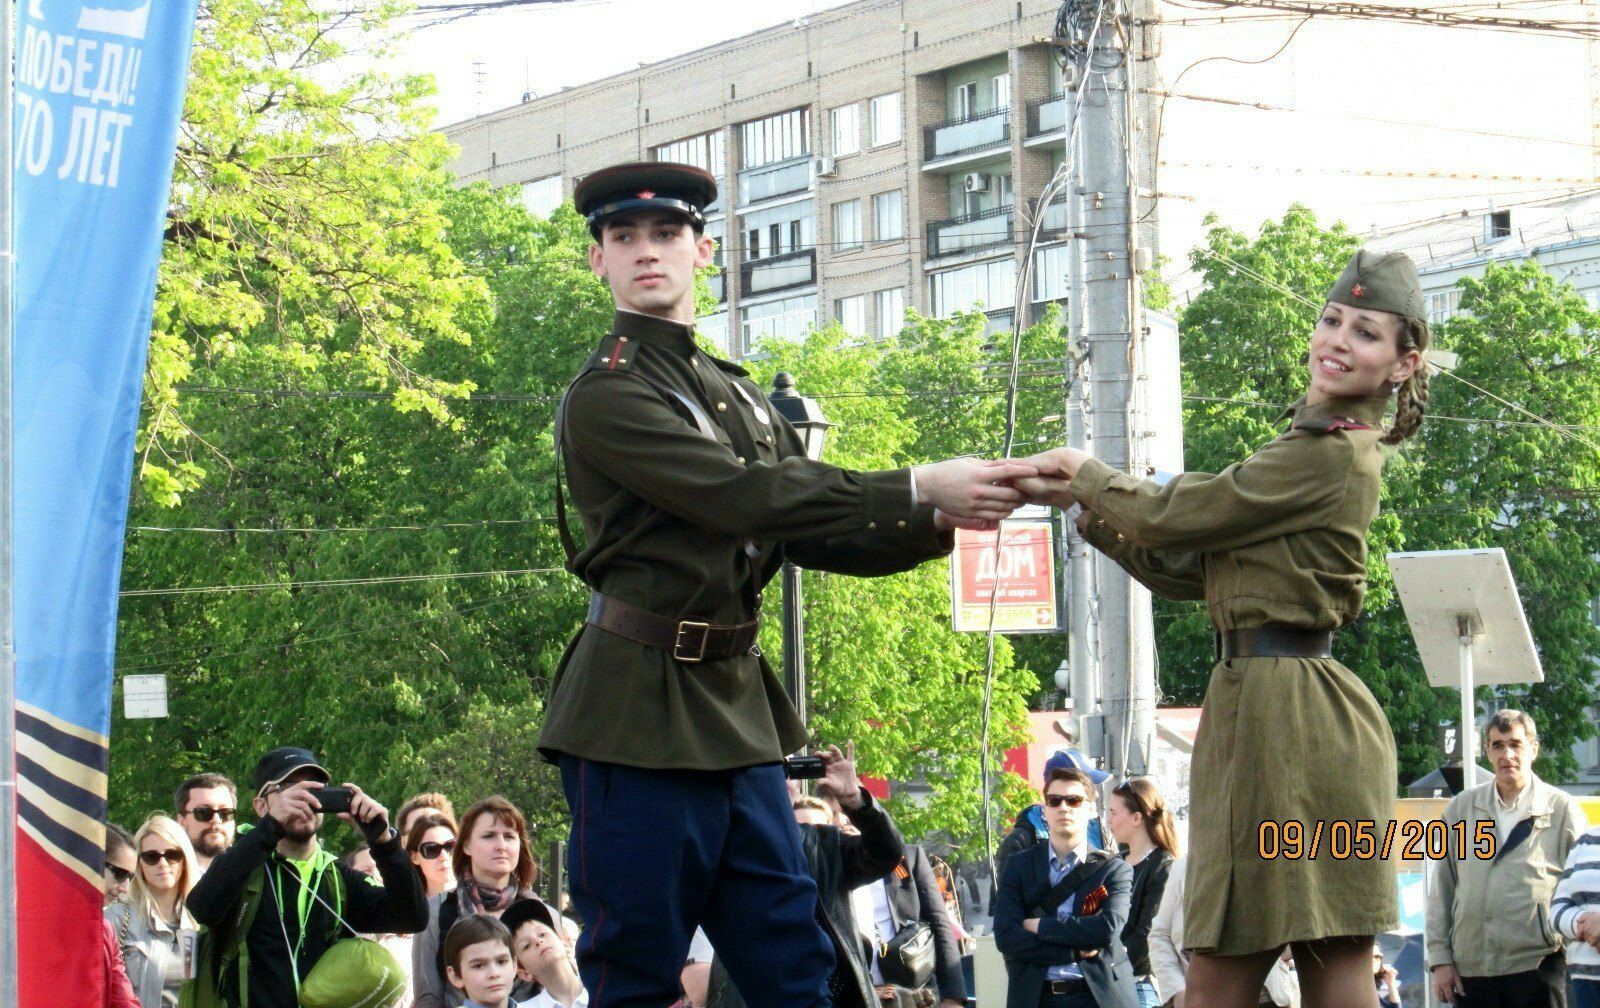 ee5d3e29633d Танец «Синий платочек» к 9 мая   Танцевальное шоу «Valery»